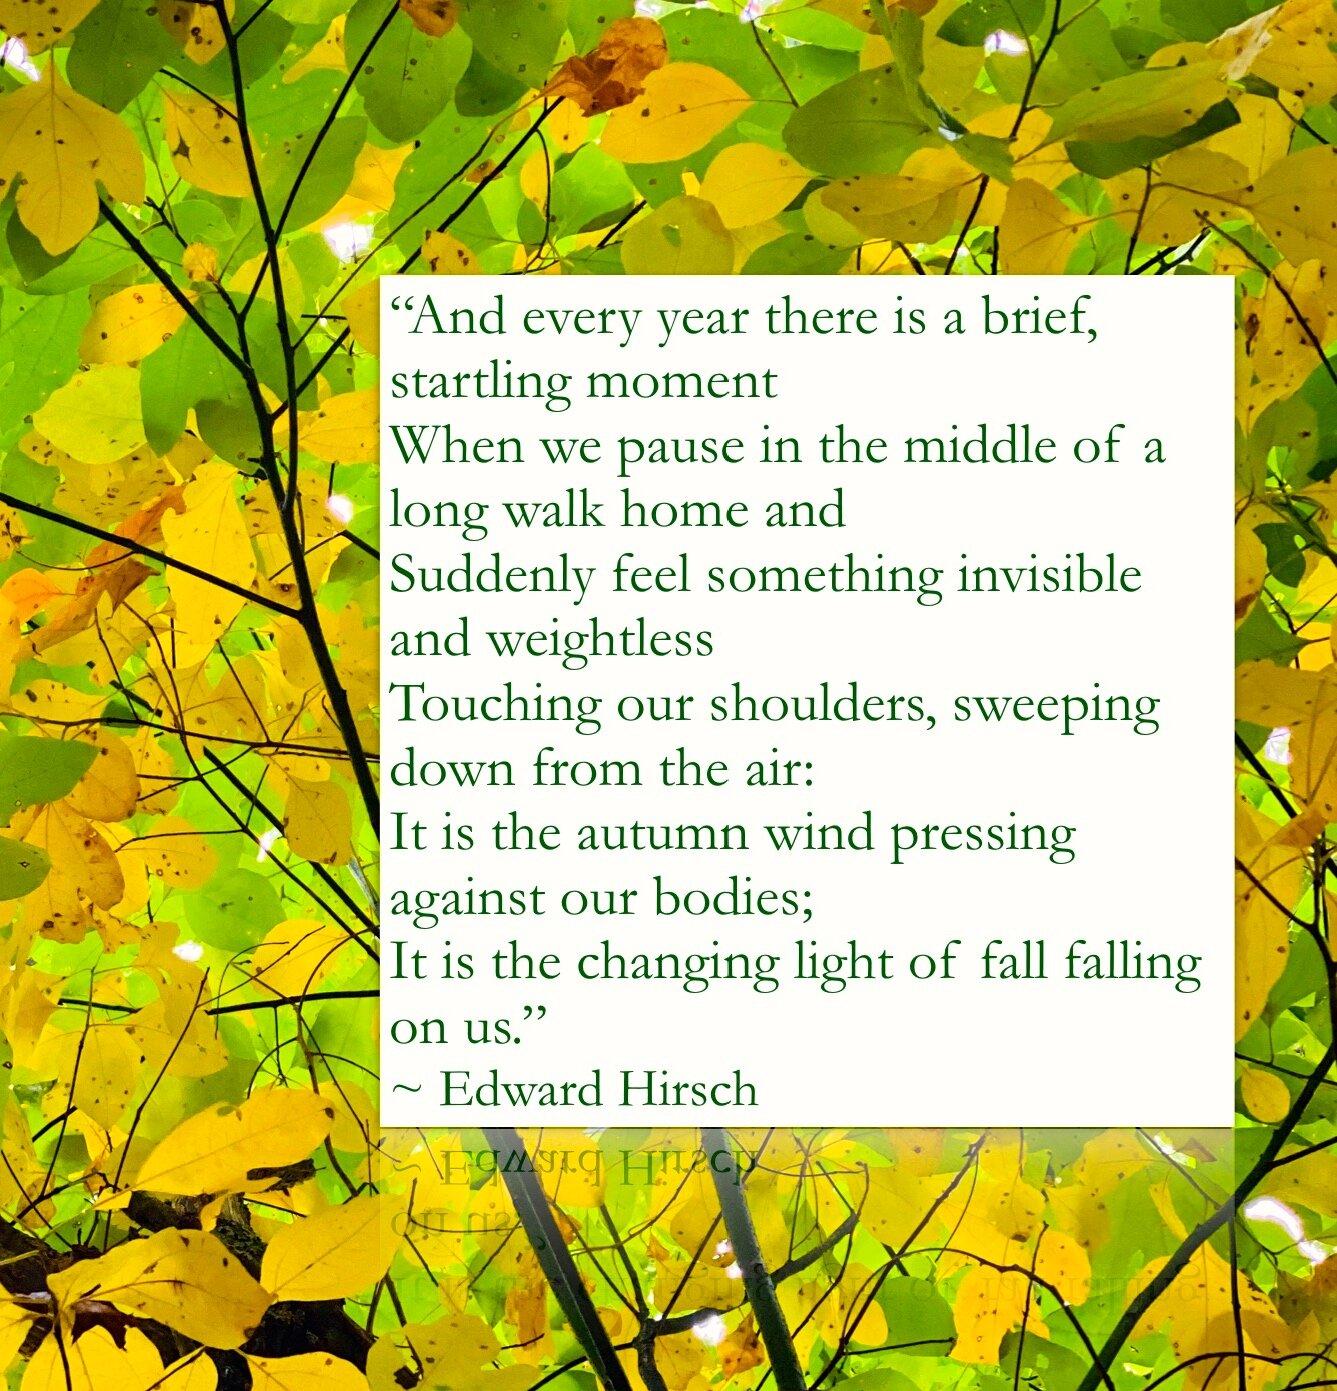 Edward Hirsch quote.jpg